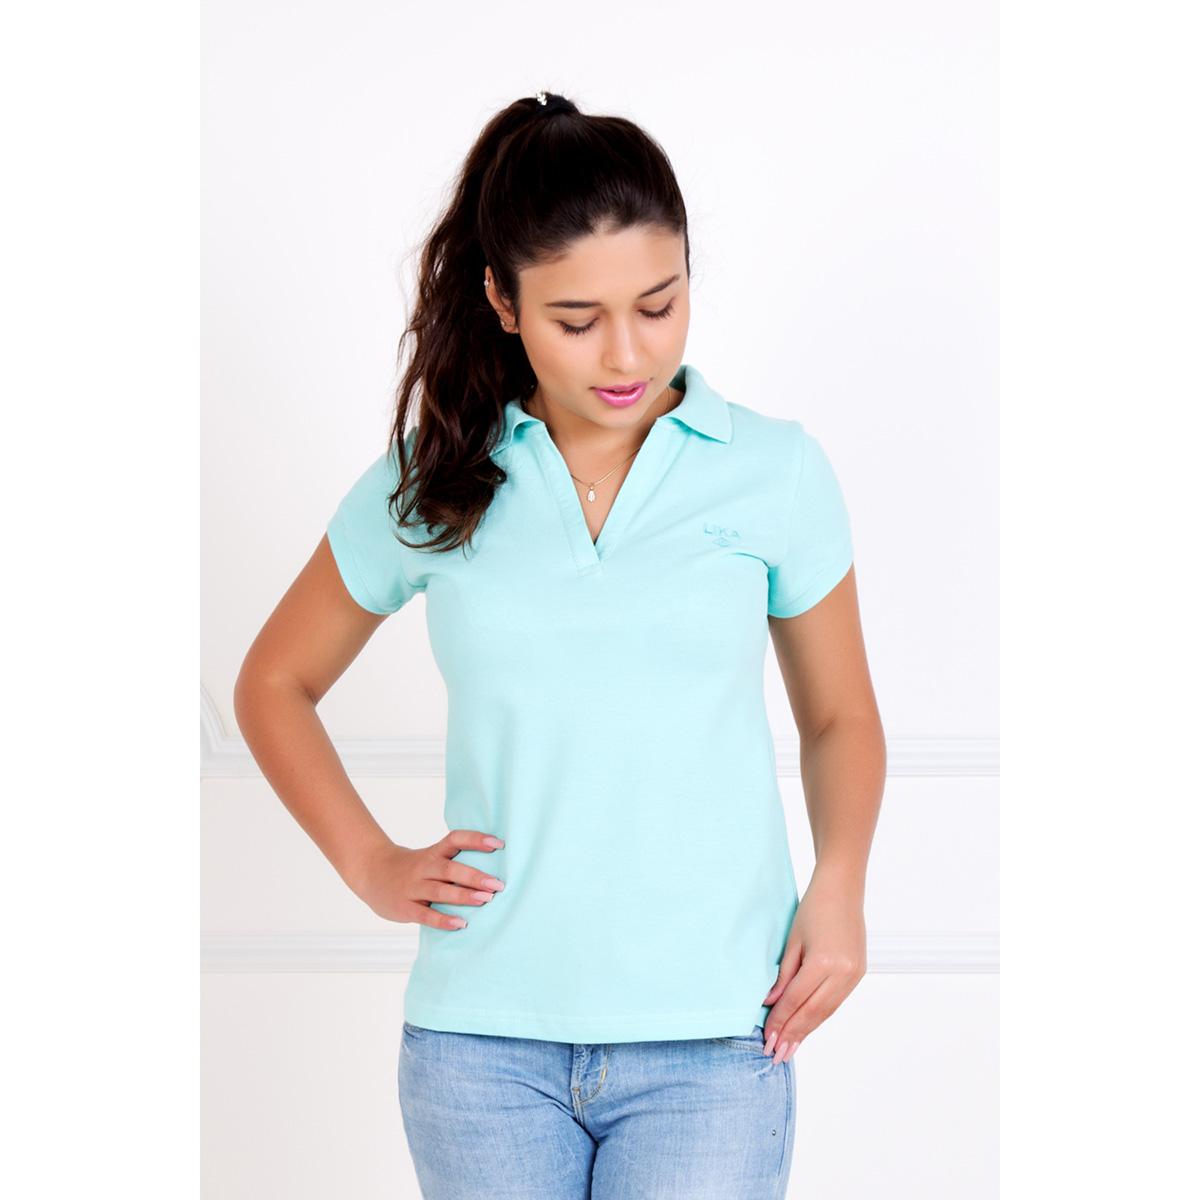 Женская футболка-поло Шерт Ментол, размер 42Майки и футболки<br>Обхват груди:84 см<br>Обхват талии:65 см<br>Обхват бедер:92 см<br>Рост:167 см<br><br>Тип: Жен. футболка<br>Размер: 42<br>Материал: Пике